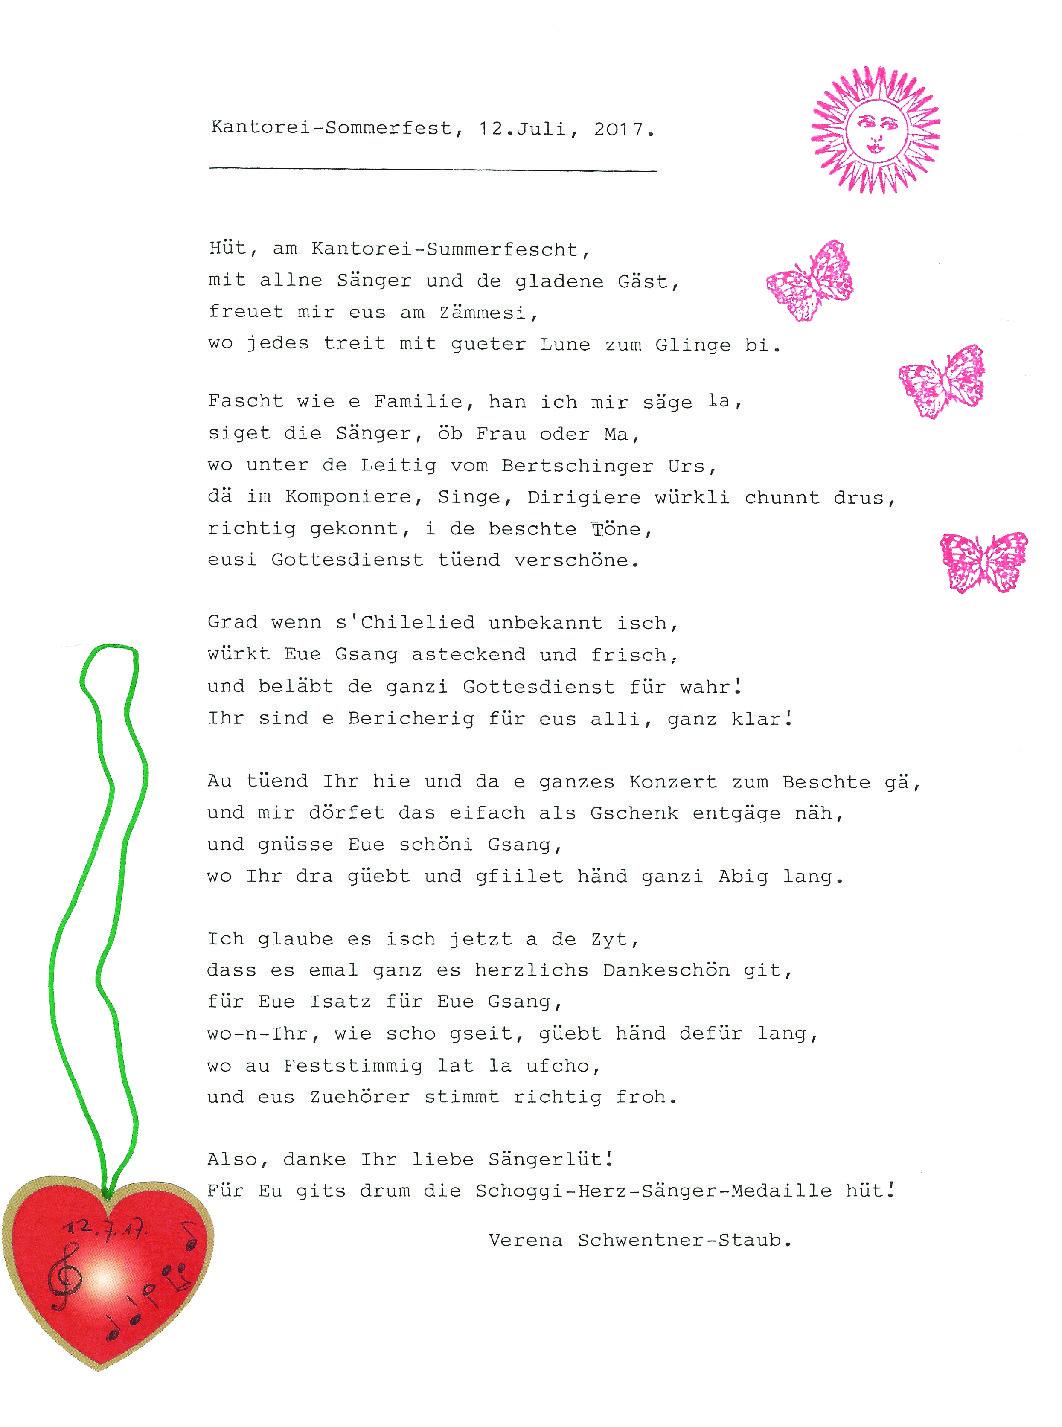 Gedicht Kantorei Regensdorf